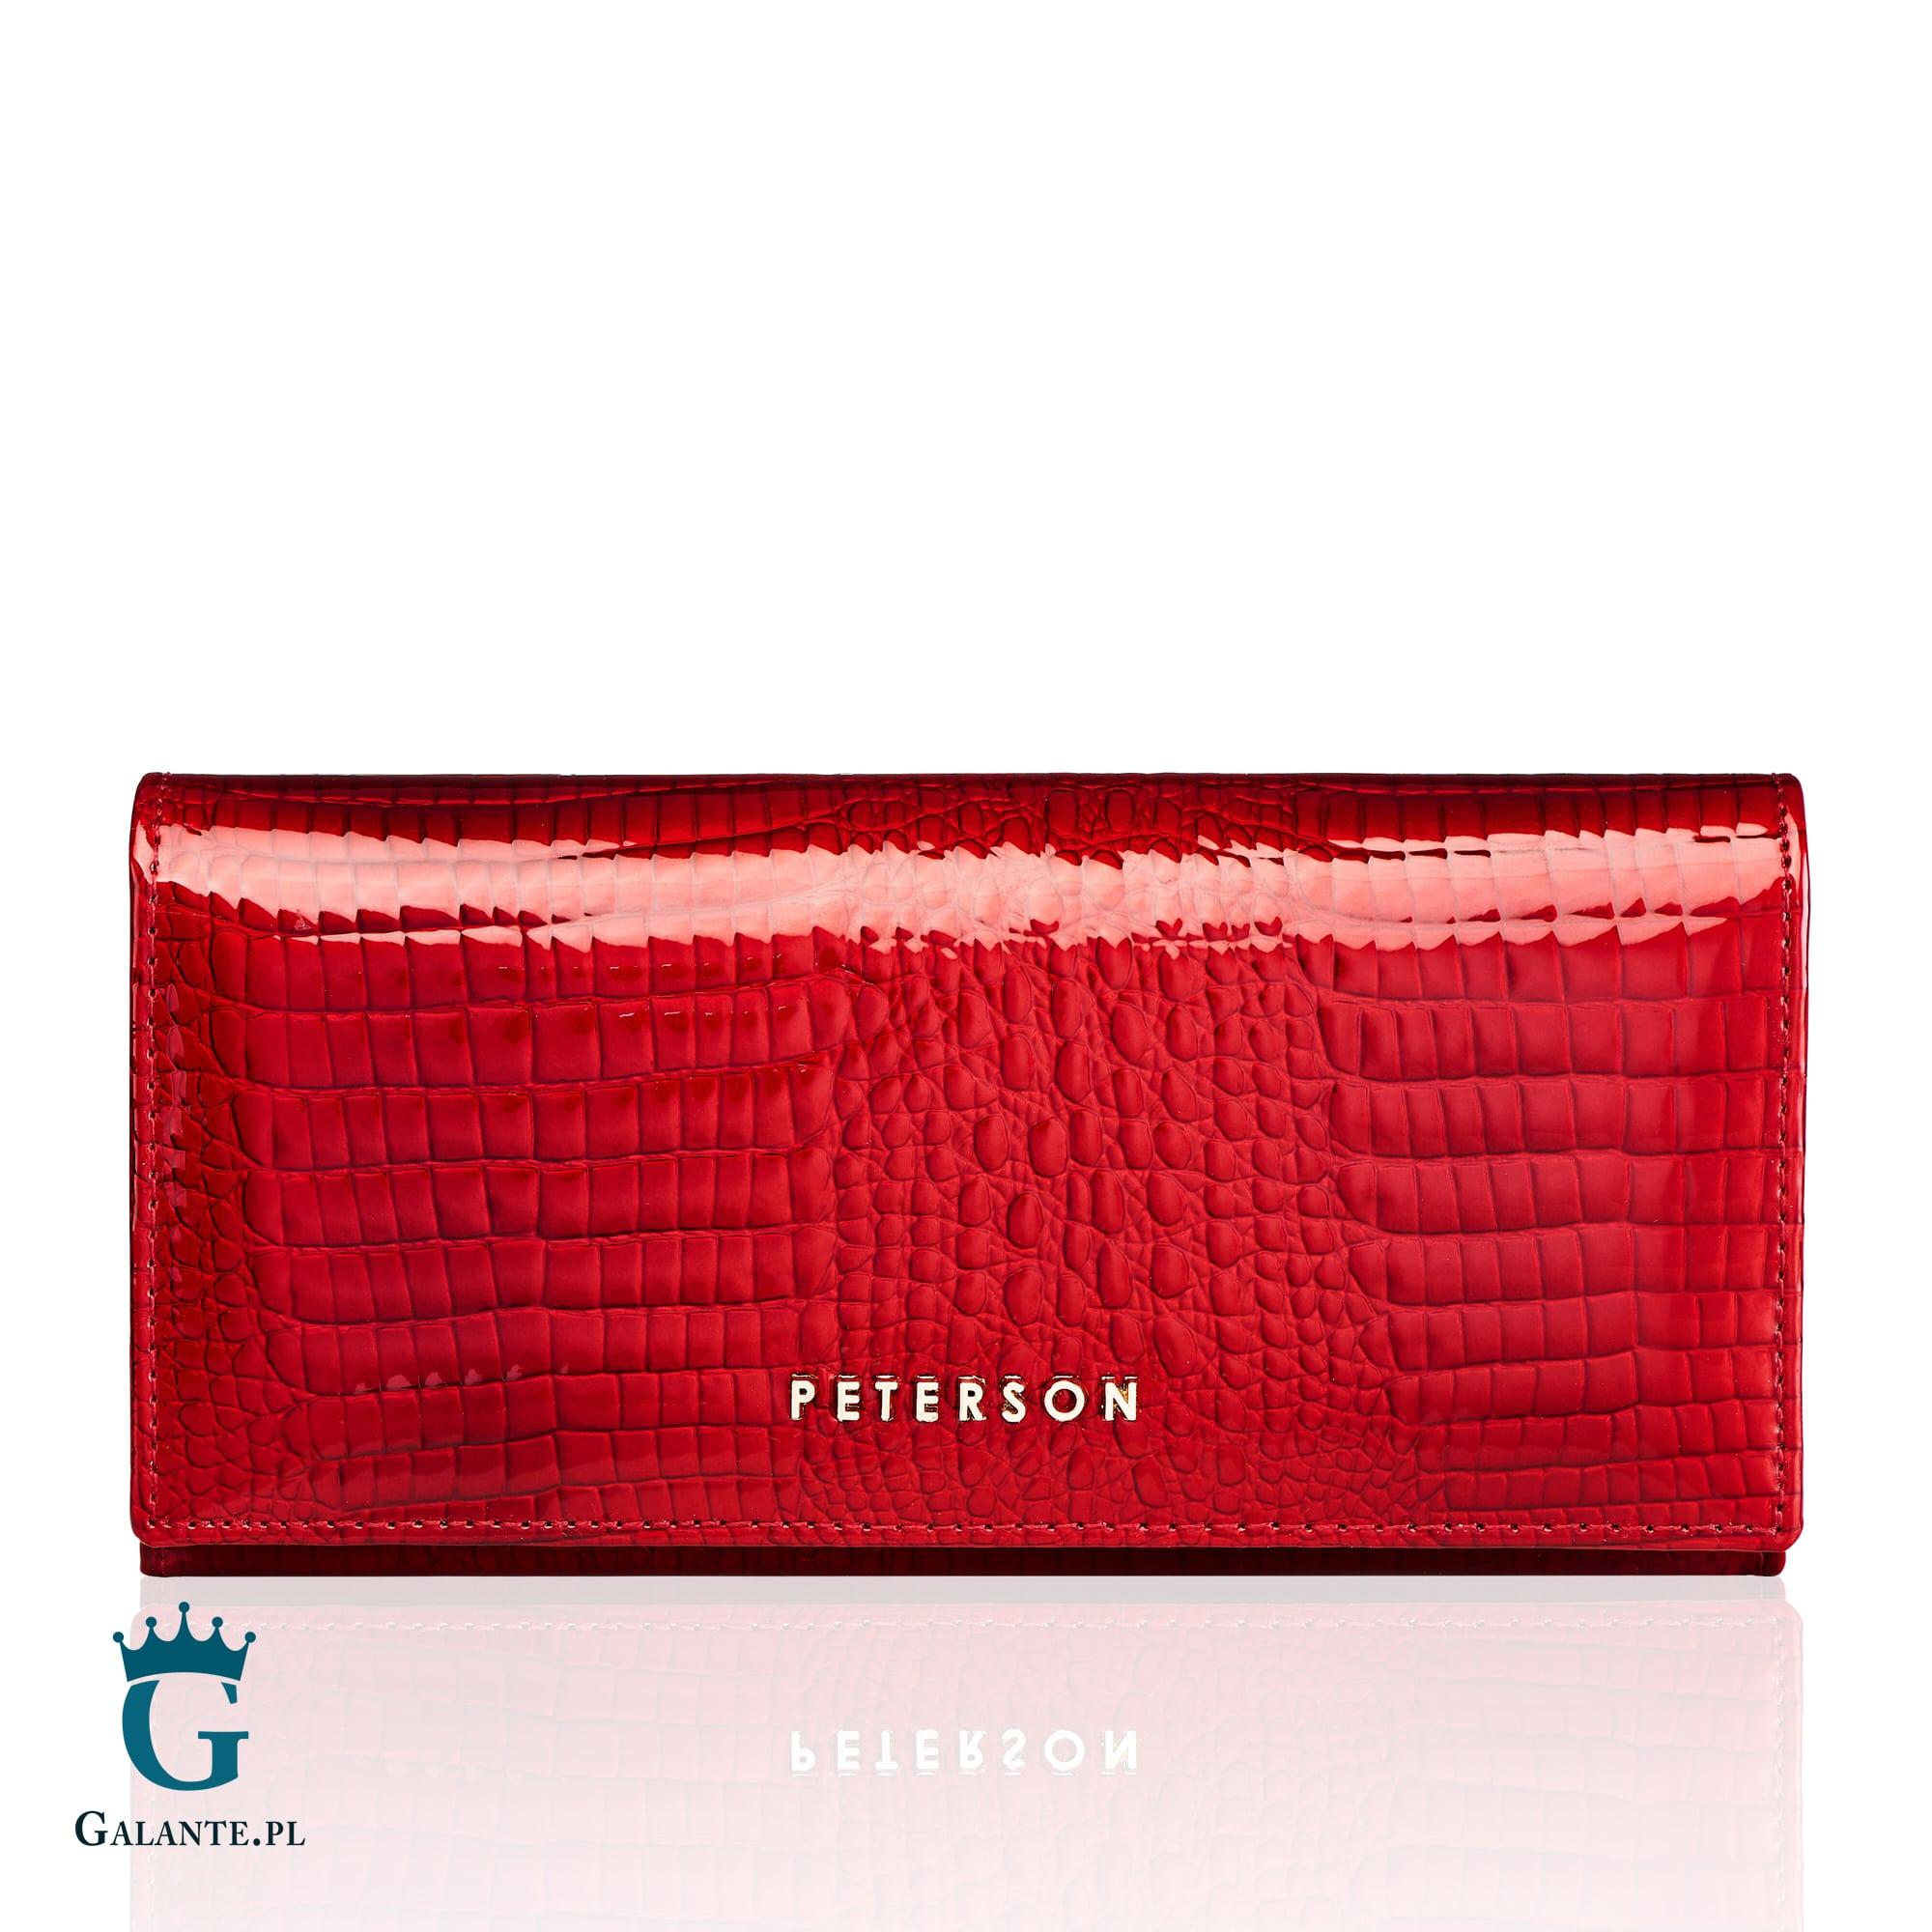 93d7c561a300d Skórzany Portfel Damski Peterson AE467 Red. ‹ ›